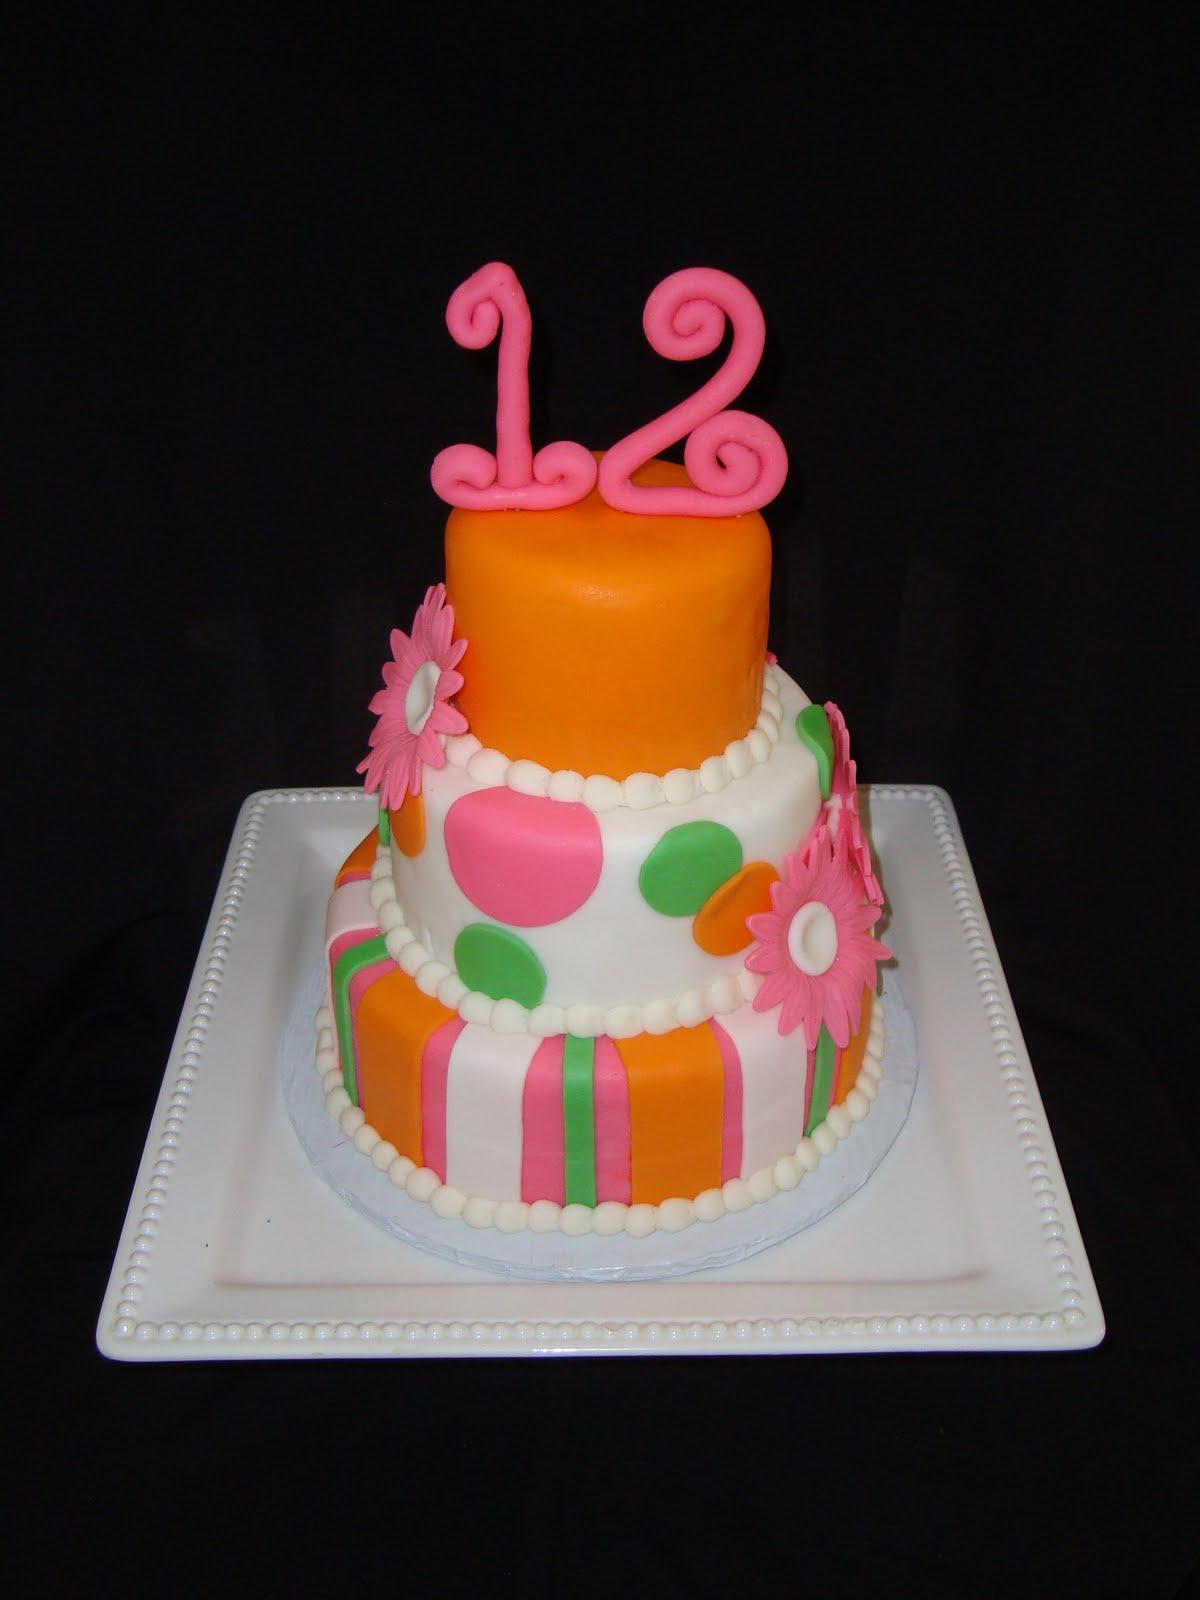 7 Birthday Cakes For Girls 12th Birthday Photo Happy 12th Birthday